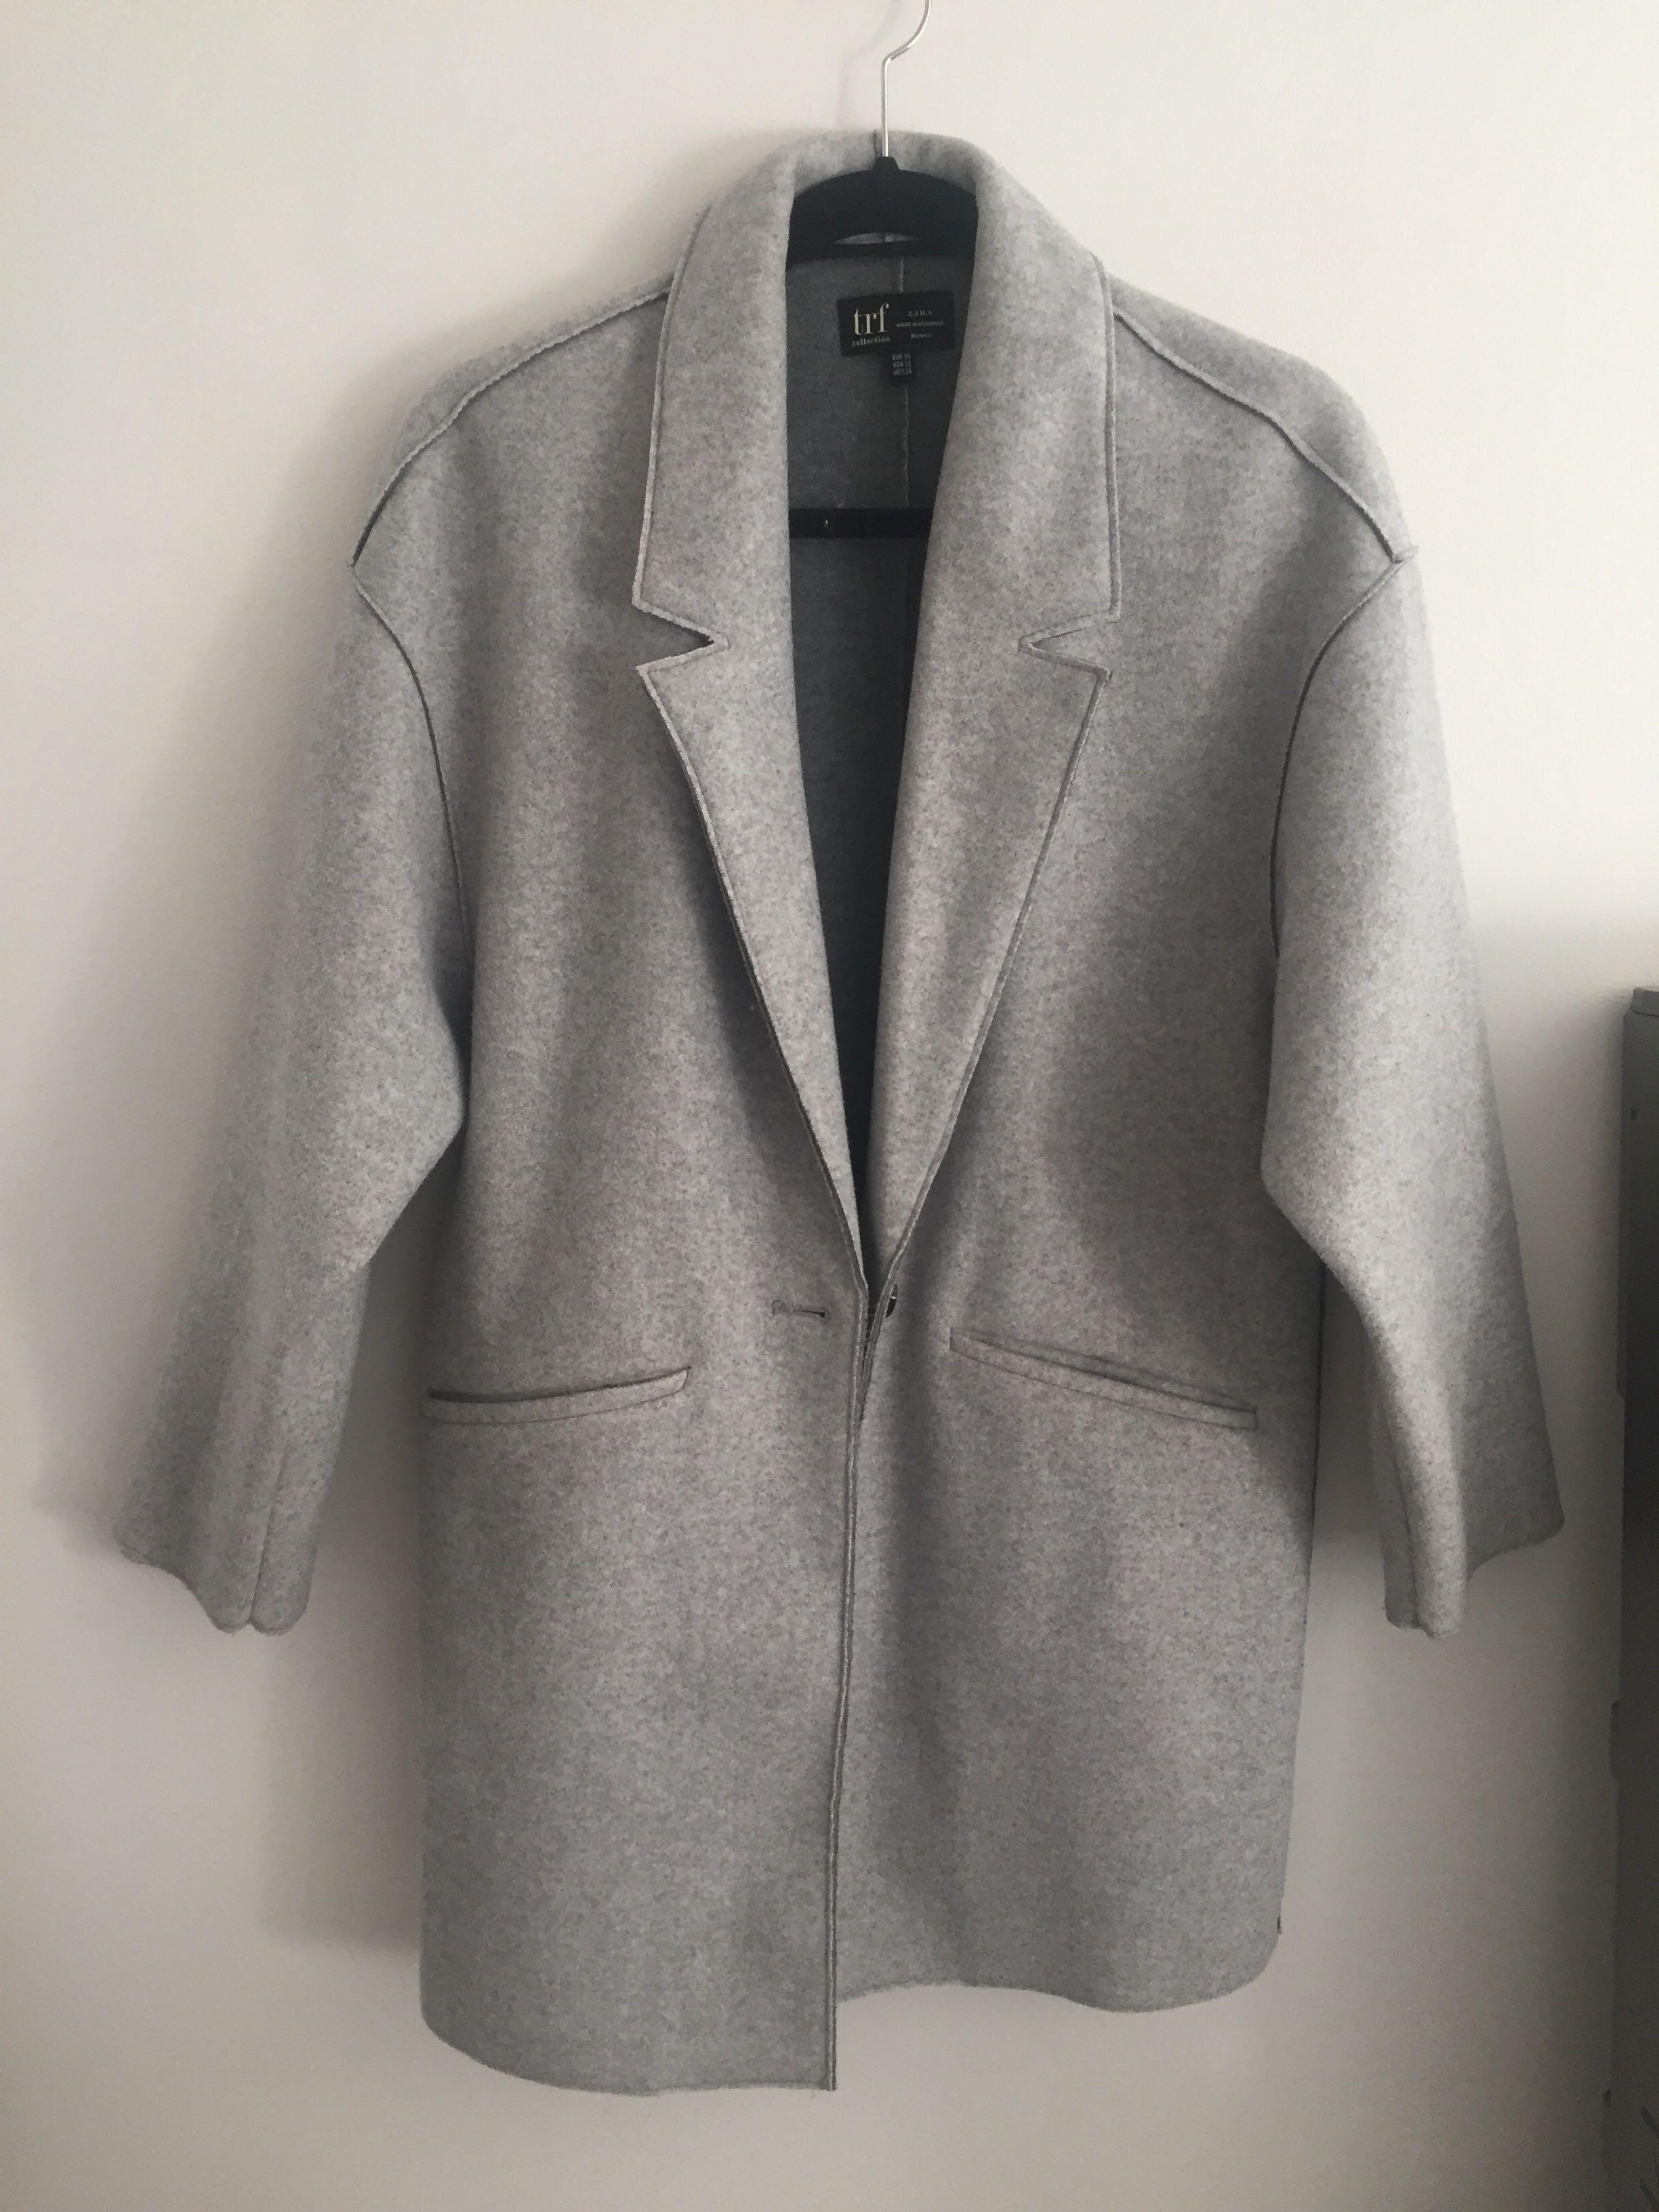 ZARA Overcoat (XS)